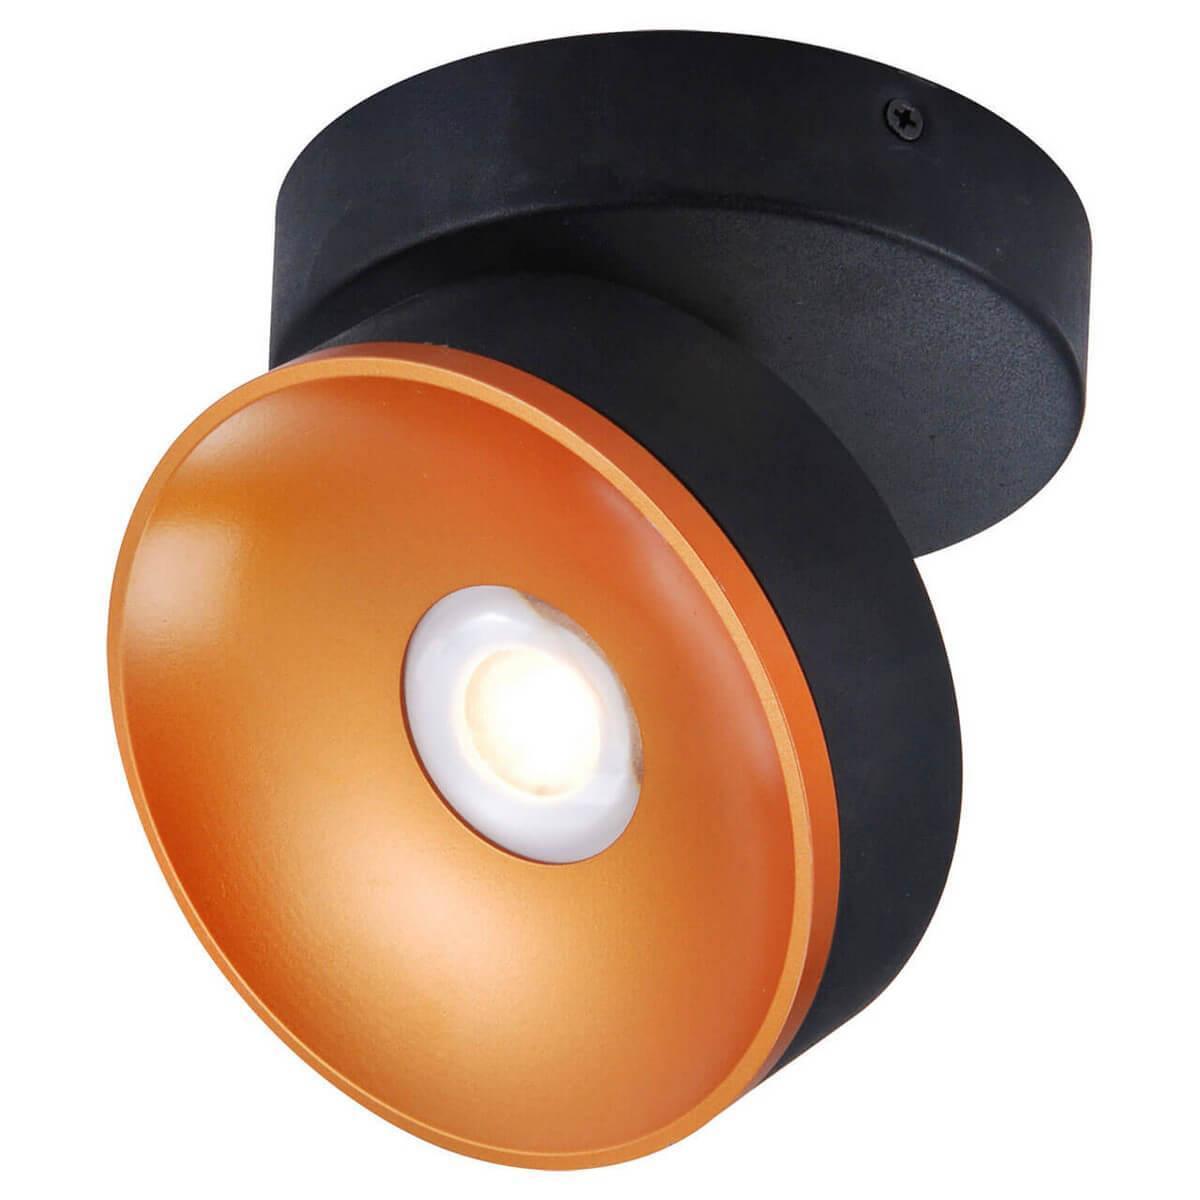 Спот Lussole LOFT LSP-8017, LED, 5 Вт настенный светильник lussole lsp 8017 черный